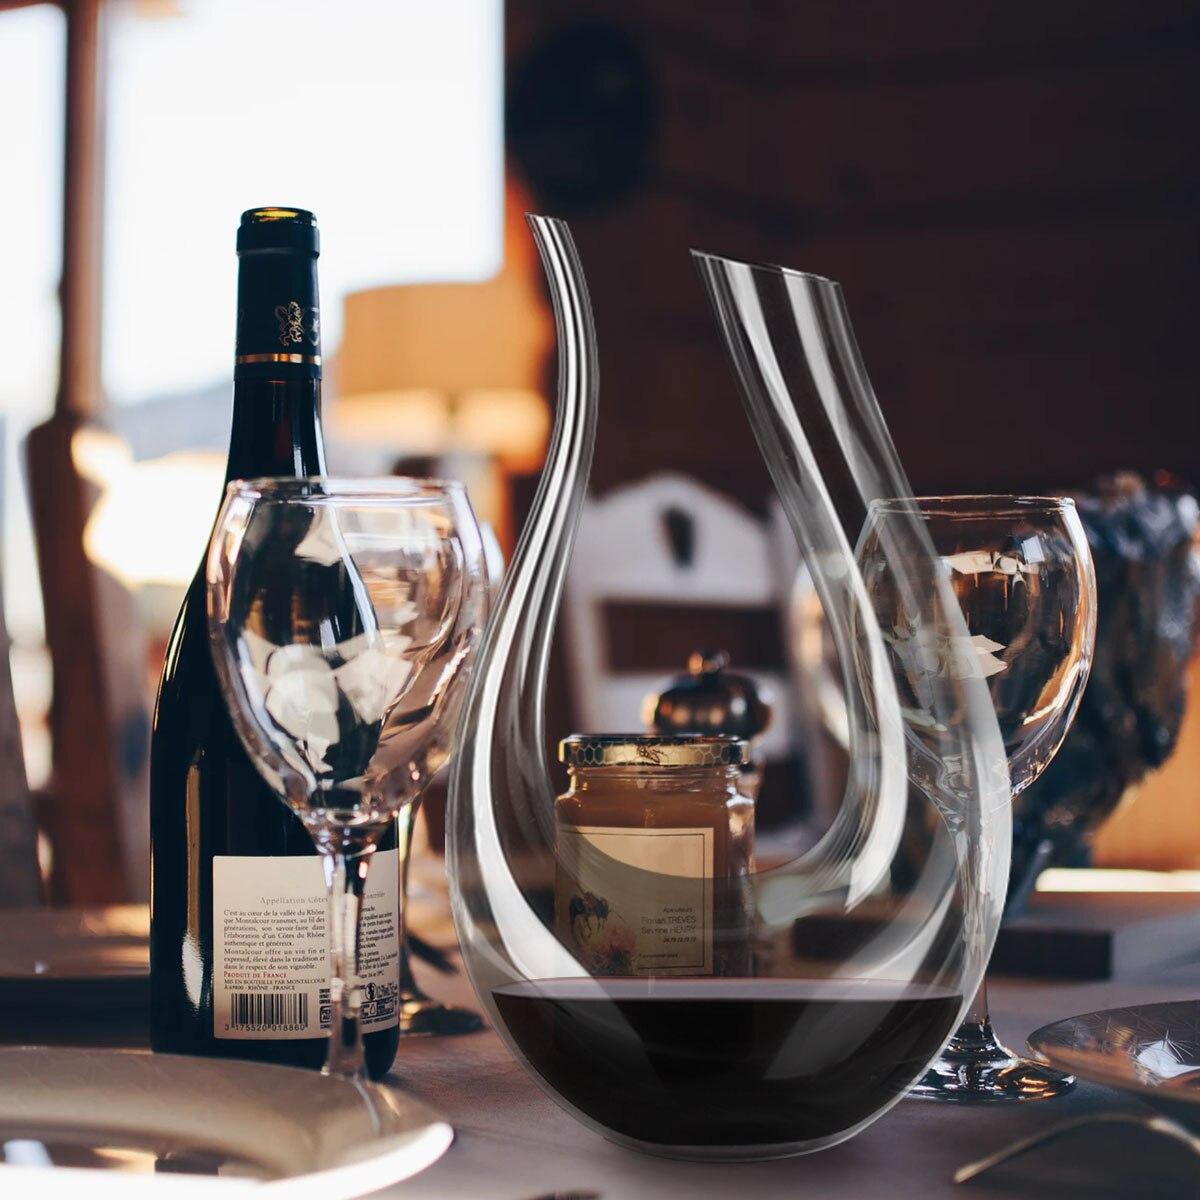 YKPUII 1500 ml gran jarra de cristal hecho a mano rojo vino Brandy champán gafas jarra de botella jarra vertedor aireador de la familia Bar